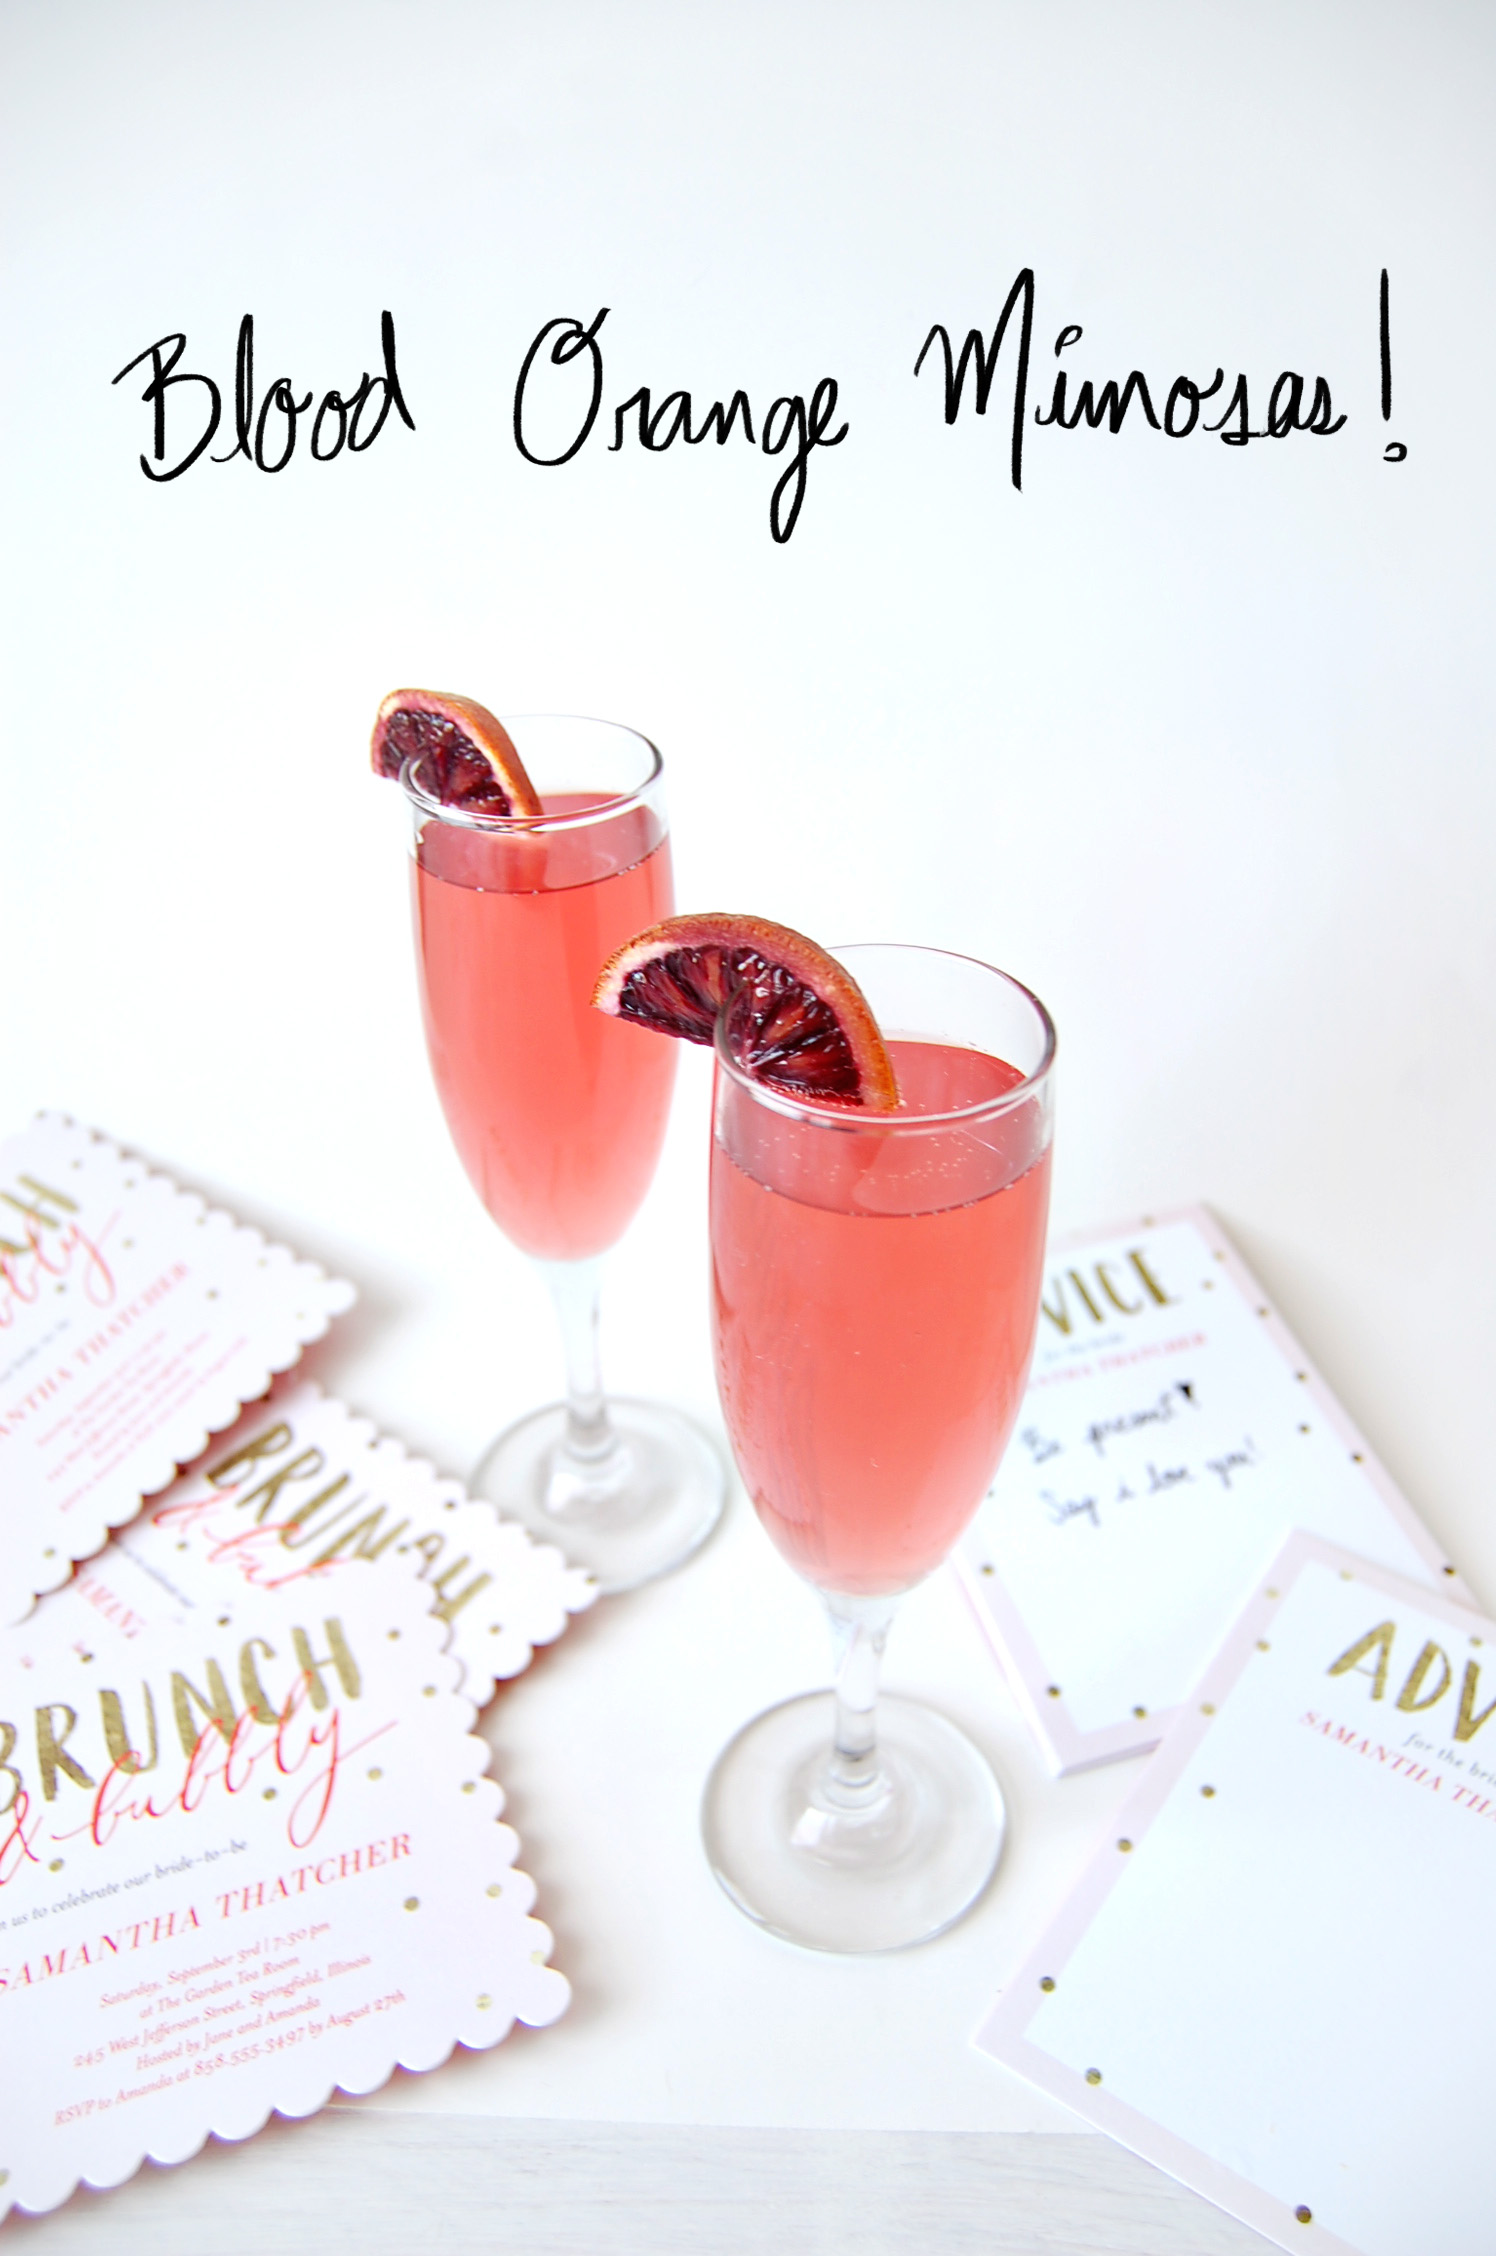 Blood Orange Mimomas